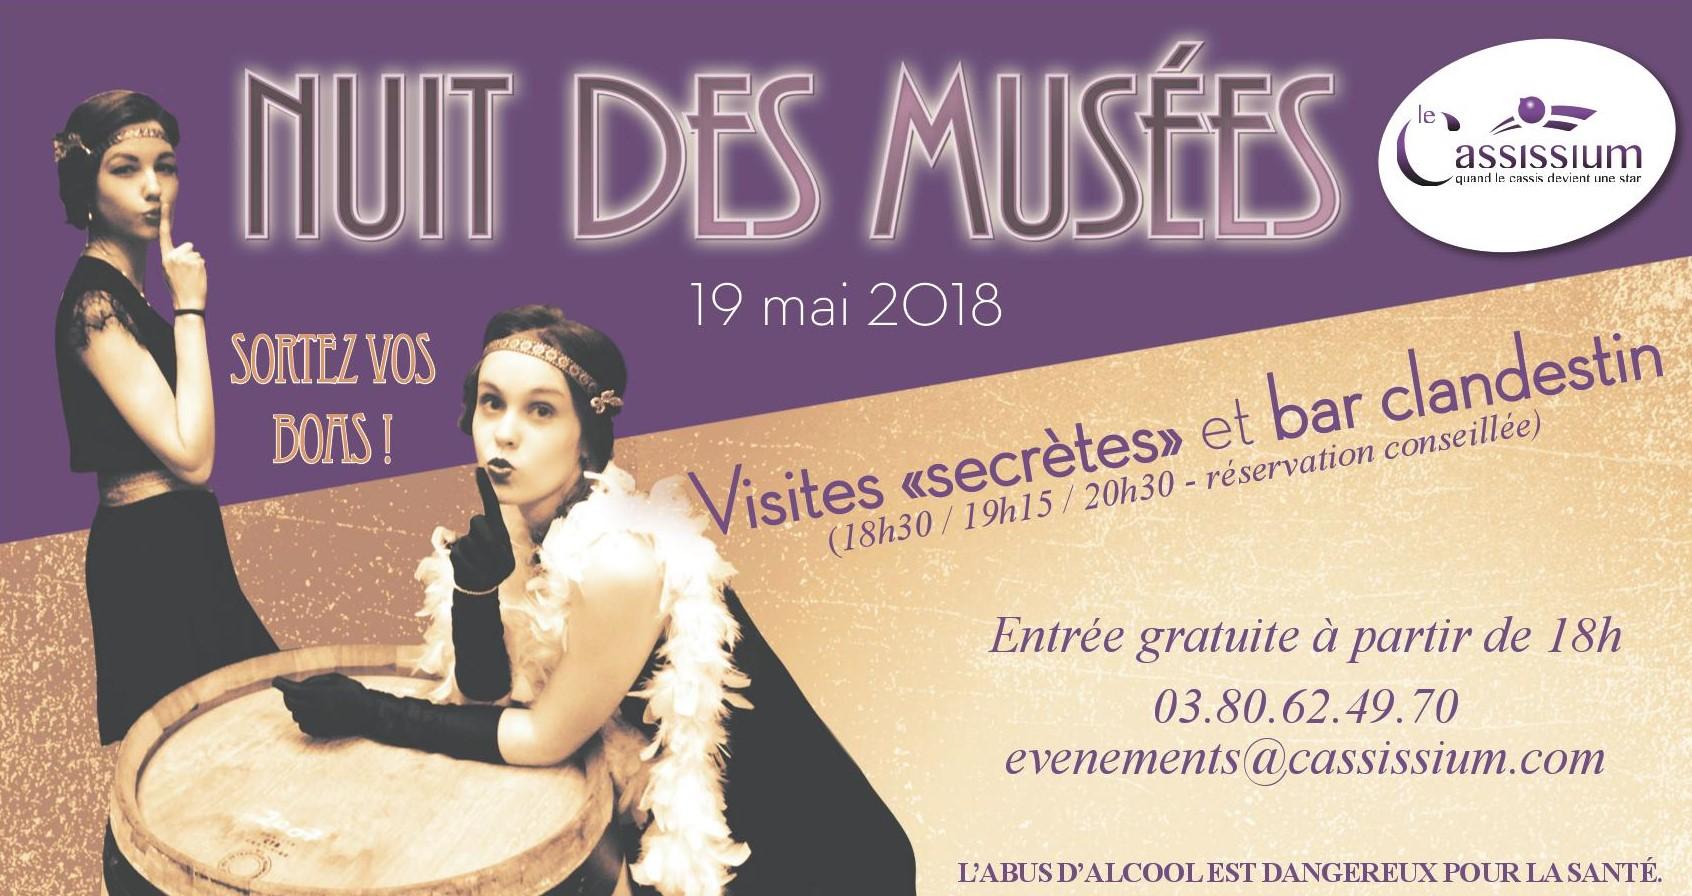 Nuit des Musées 2018 au Cassissium